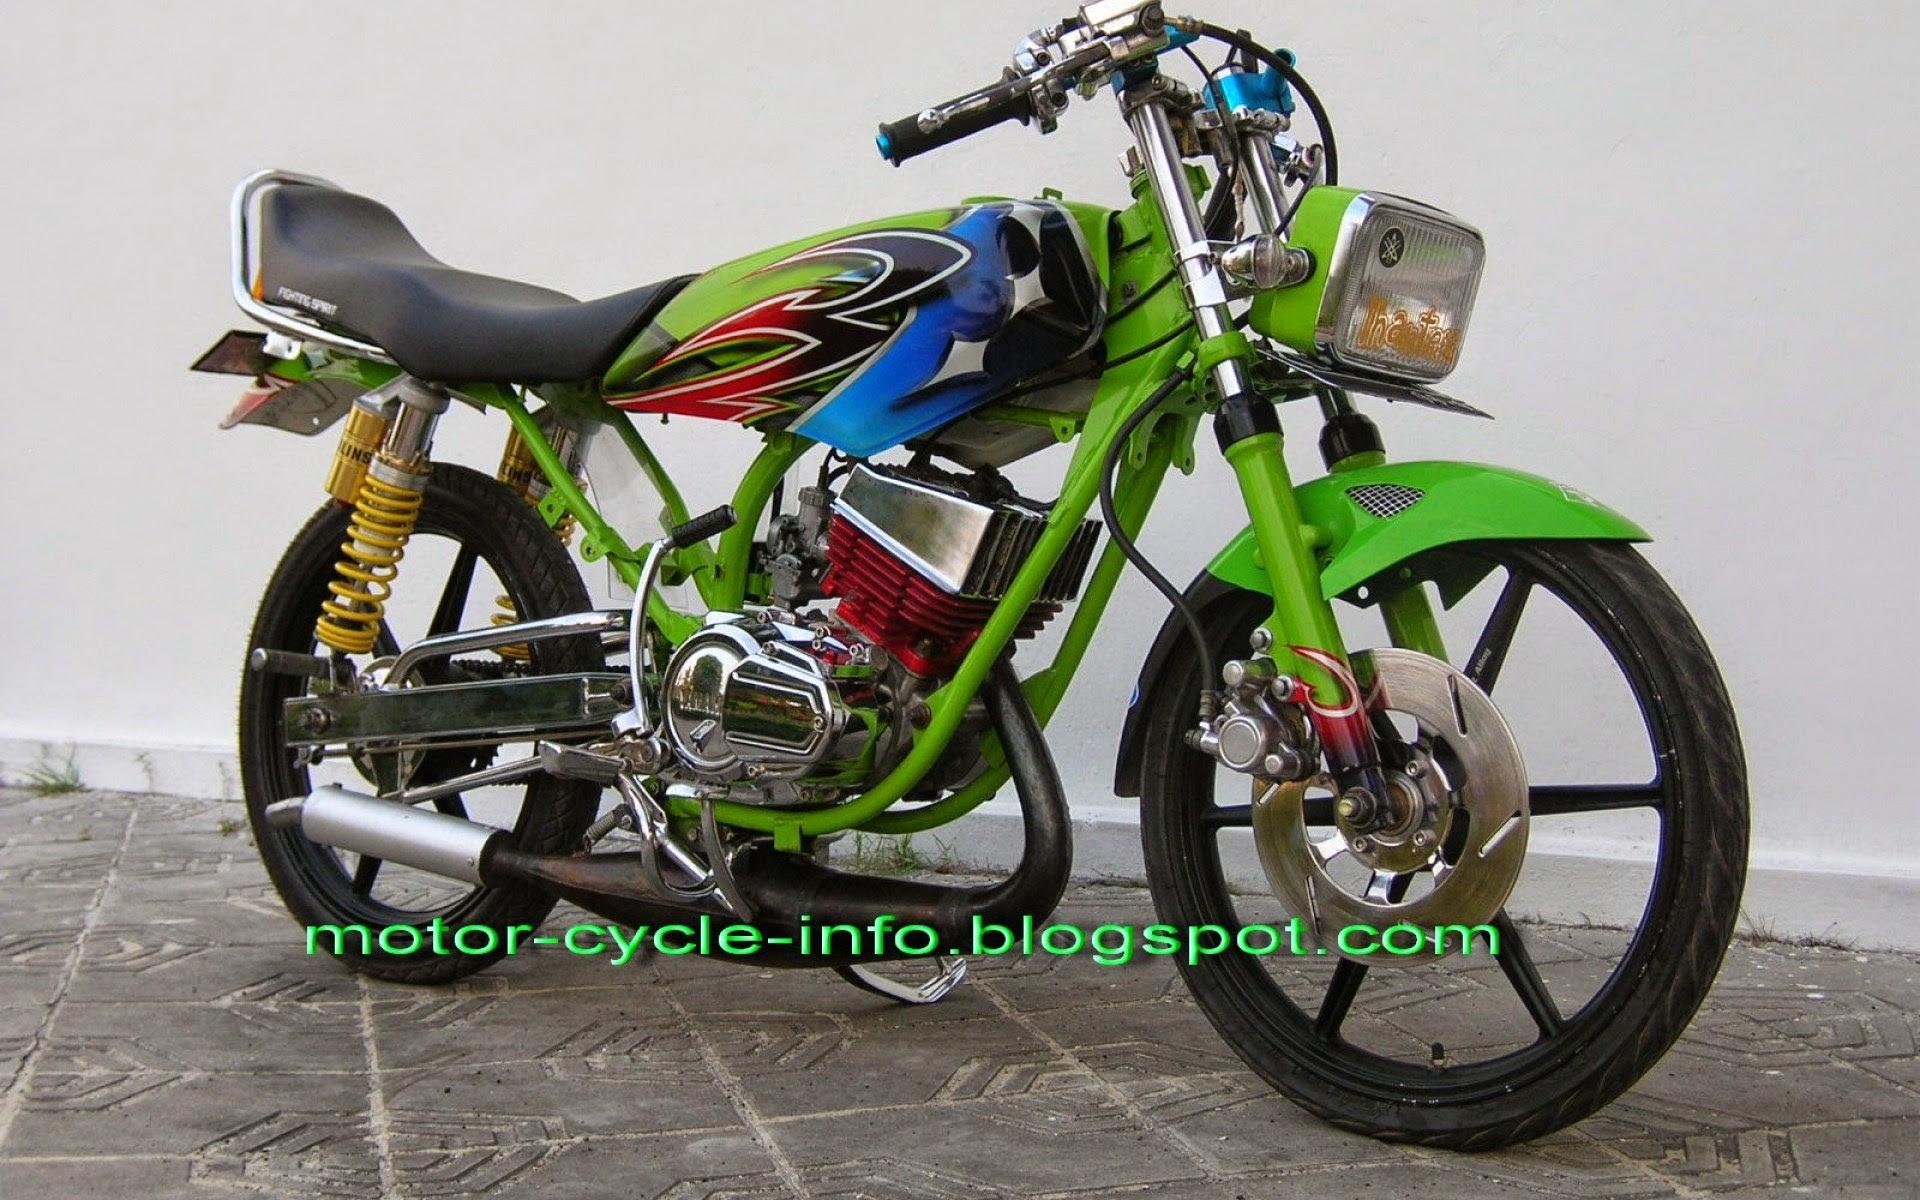 58 Modifikasi Motor Honda Blade Drag Terkeren Sumped Motor